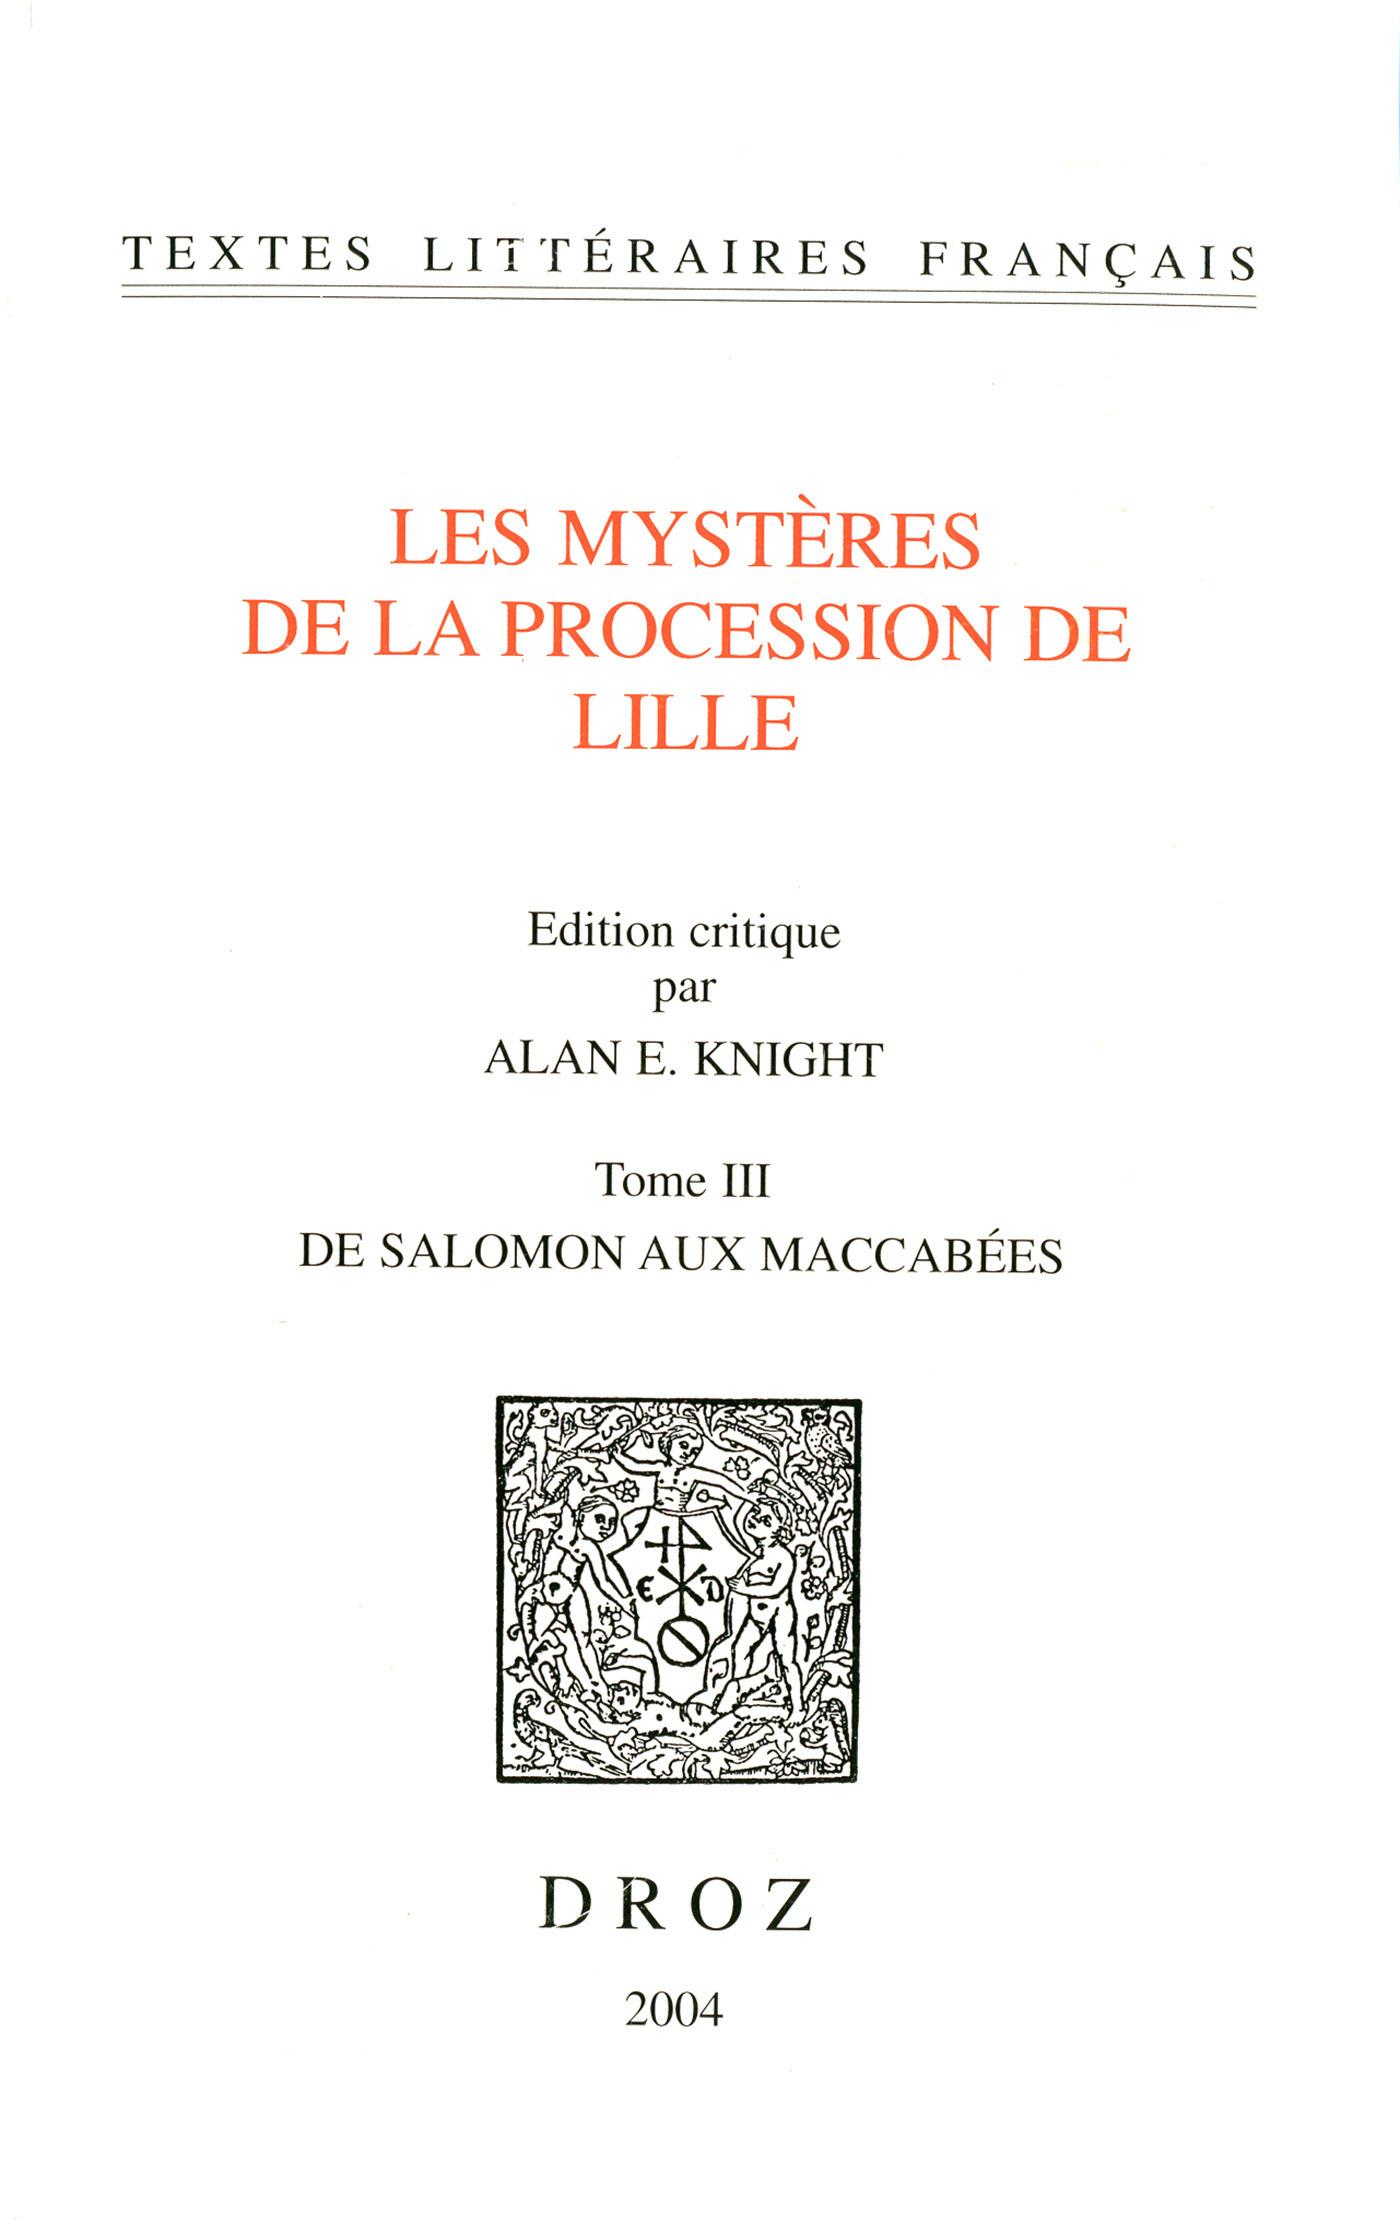 Les Mystères de la procession de Lille. Tome III, De Salomon aux Maccabées  - Alan E. Knight